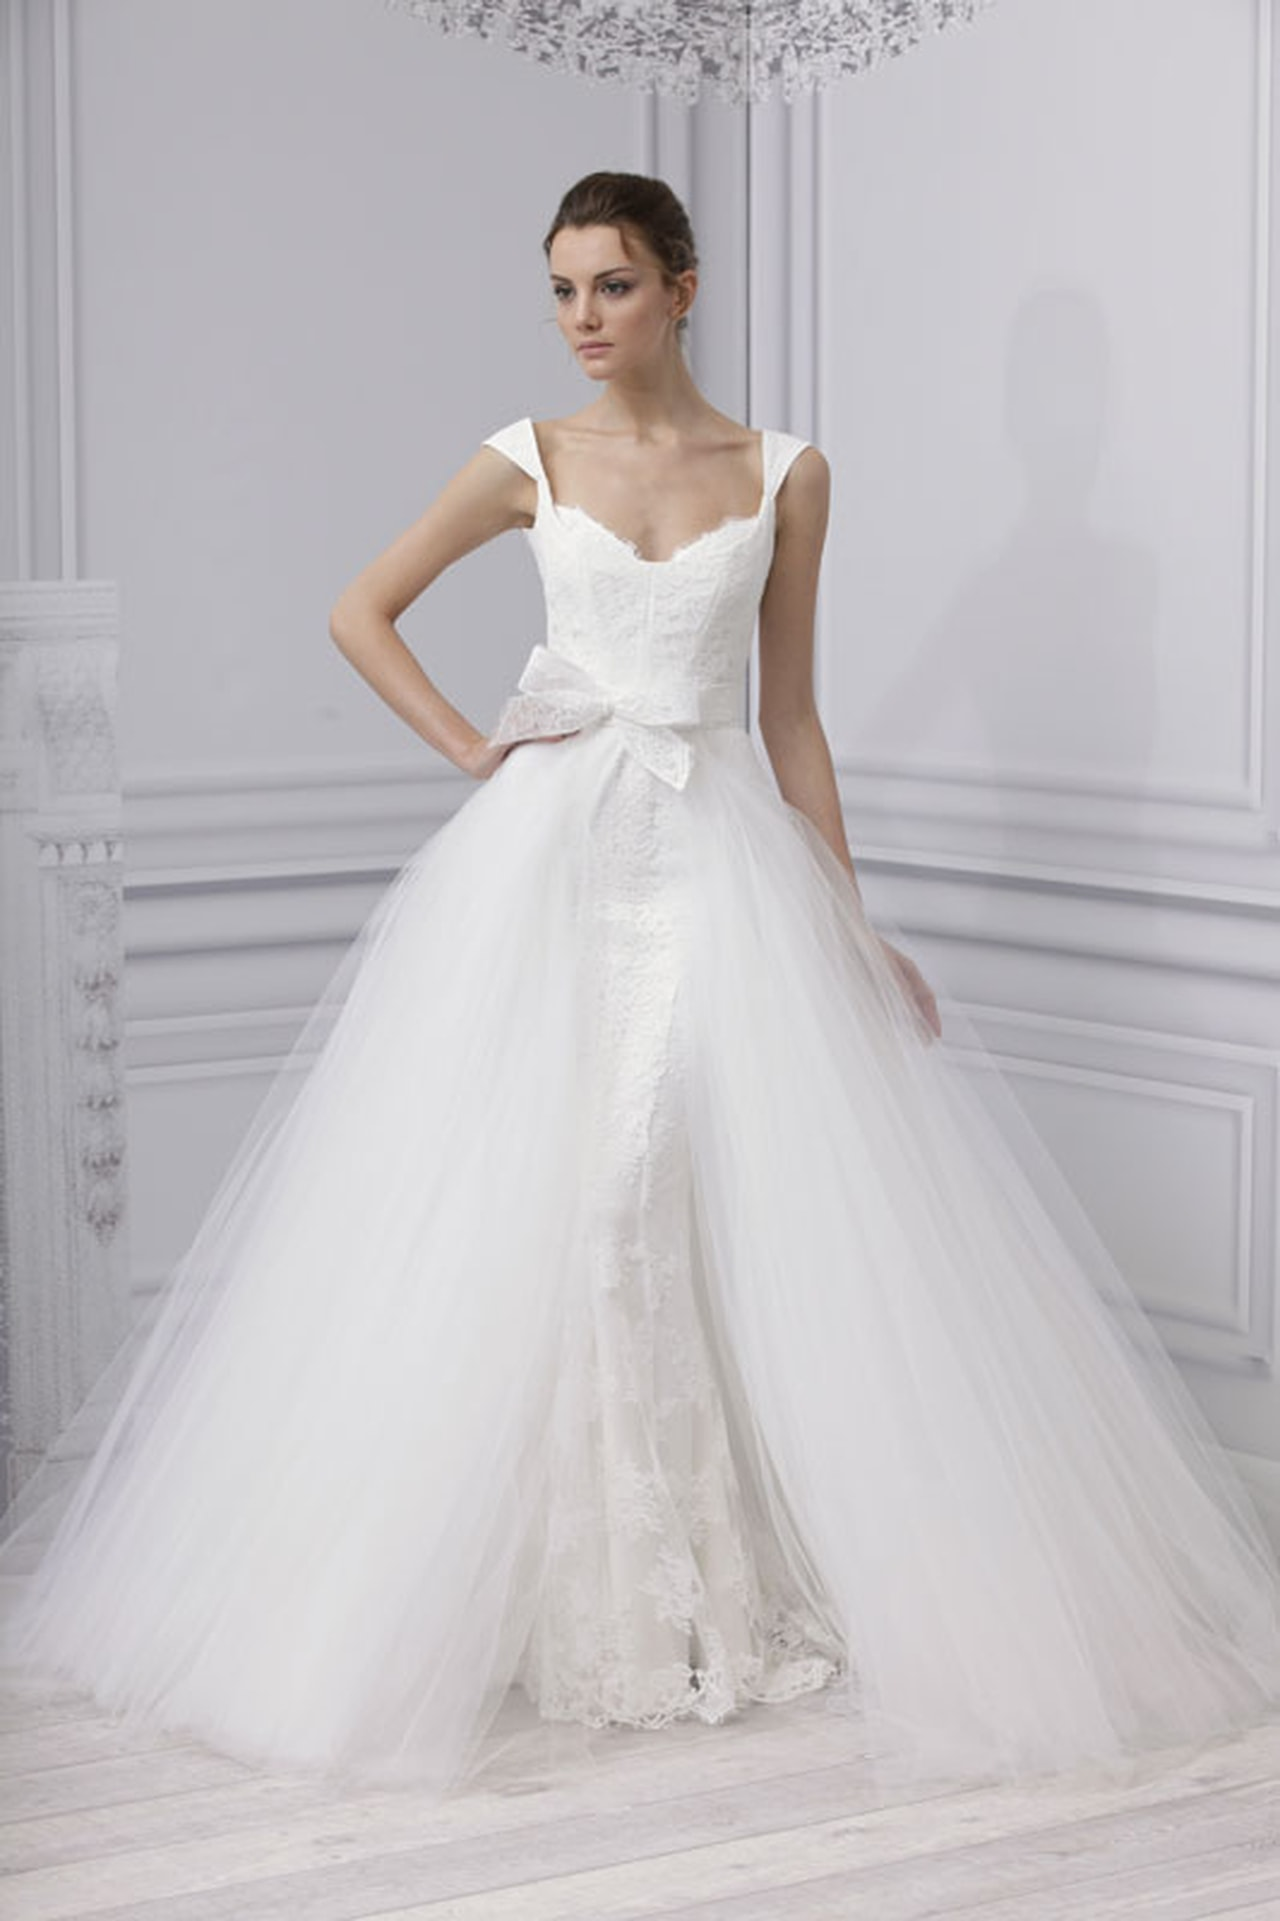 بالصور احدث تصميمات فساتين الافراح , تالقي يوم زفافك 137 4